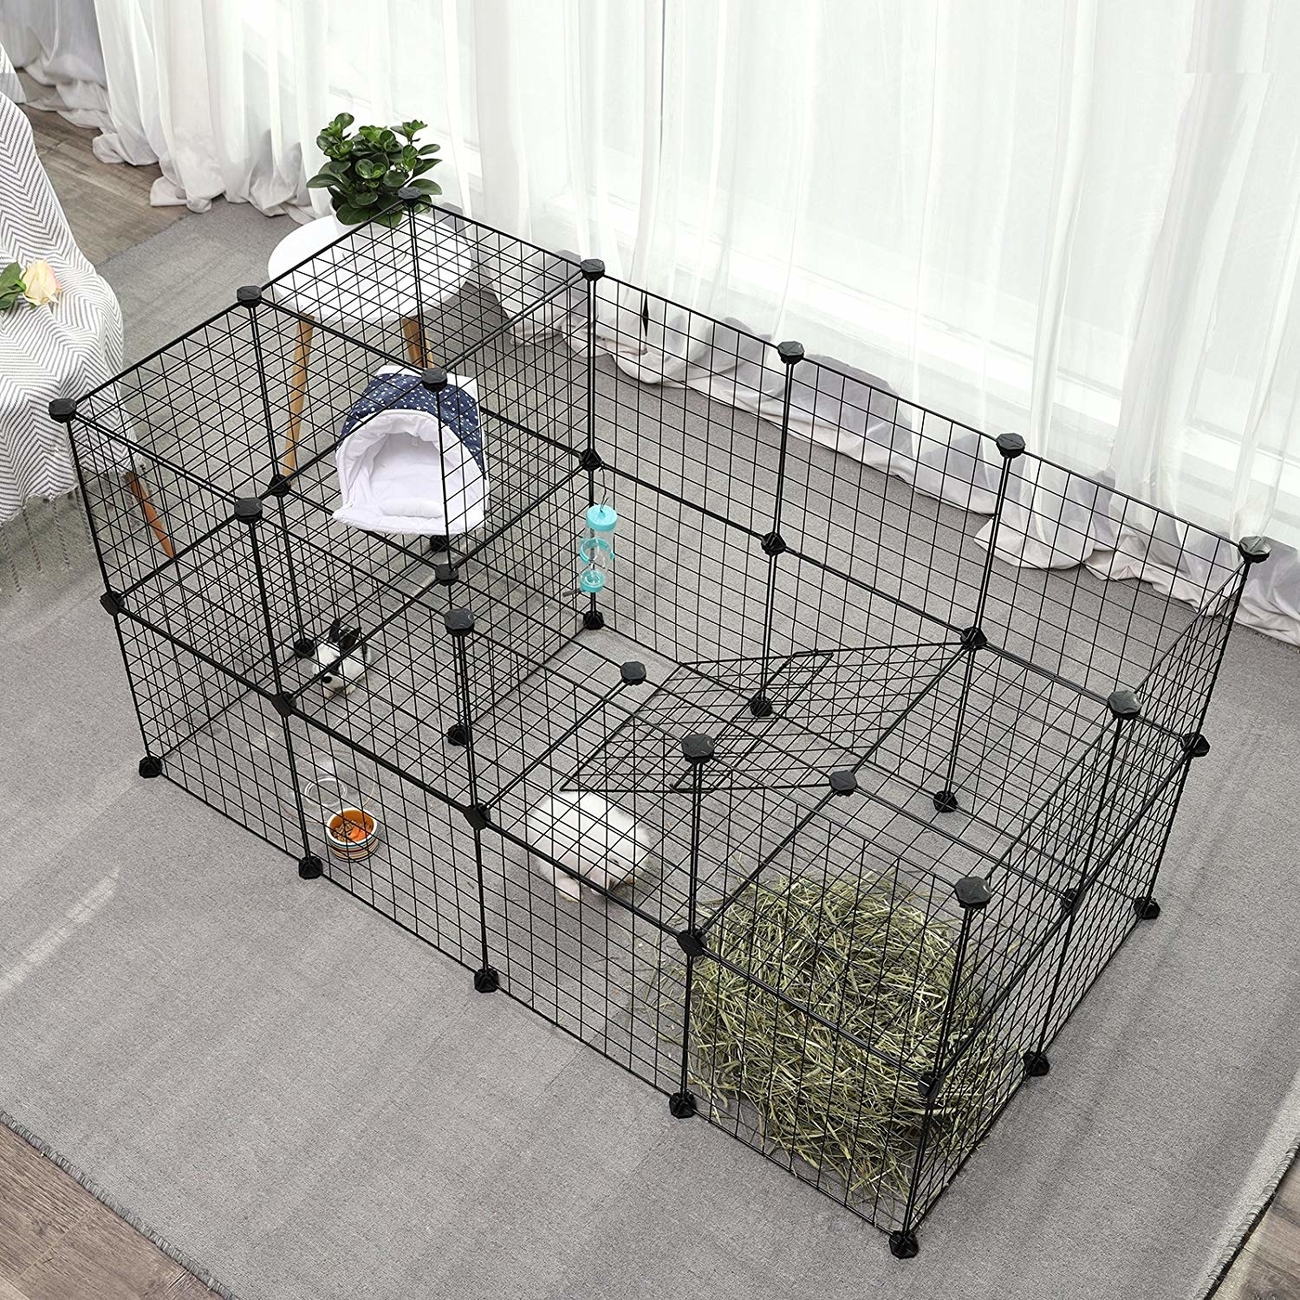 SONGMICS Gittergehege großes Laufgitter für Kleintiere und Meerschweinchen, Bild 2